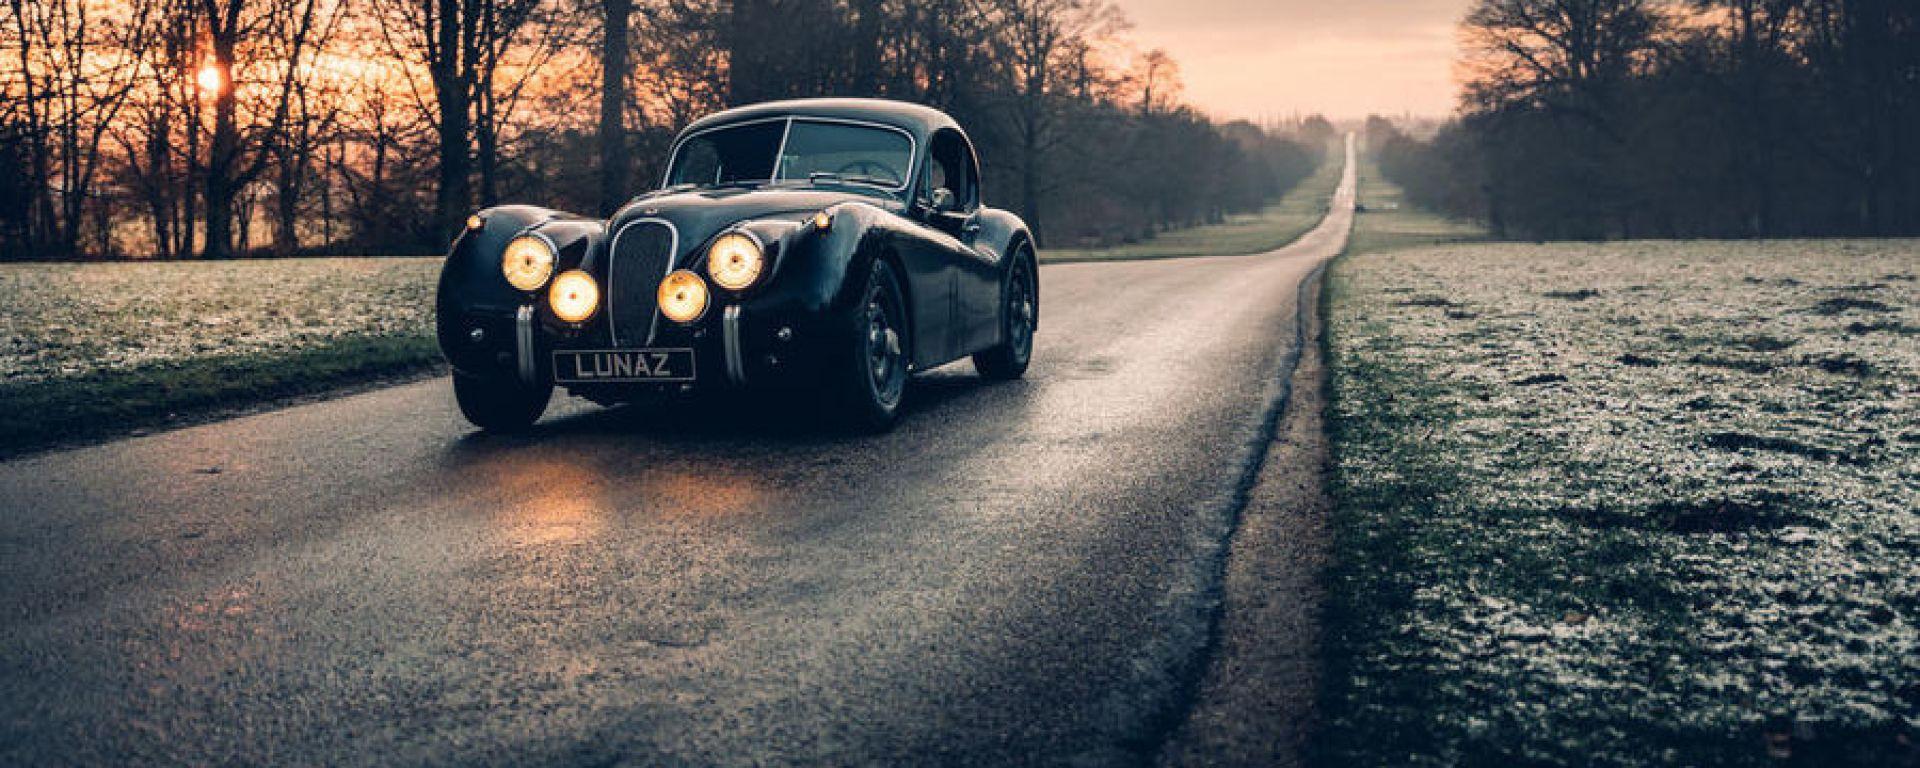 Lunaz: la startup inglese che elettrifica le auto storiche